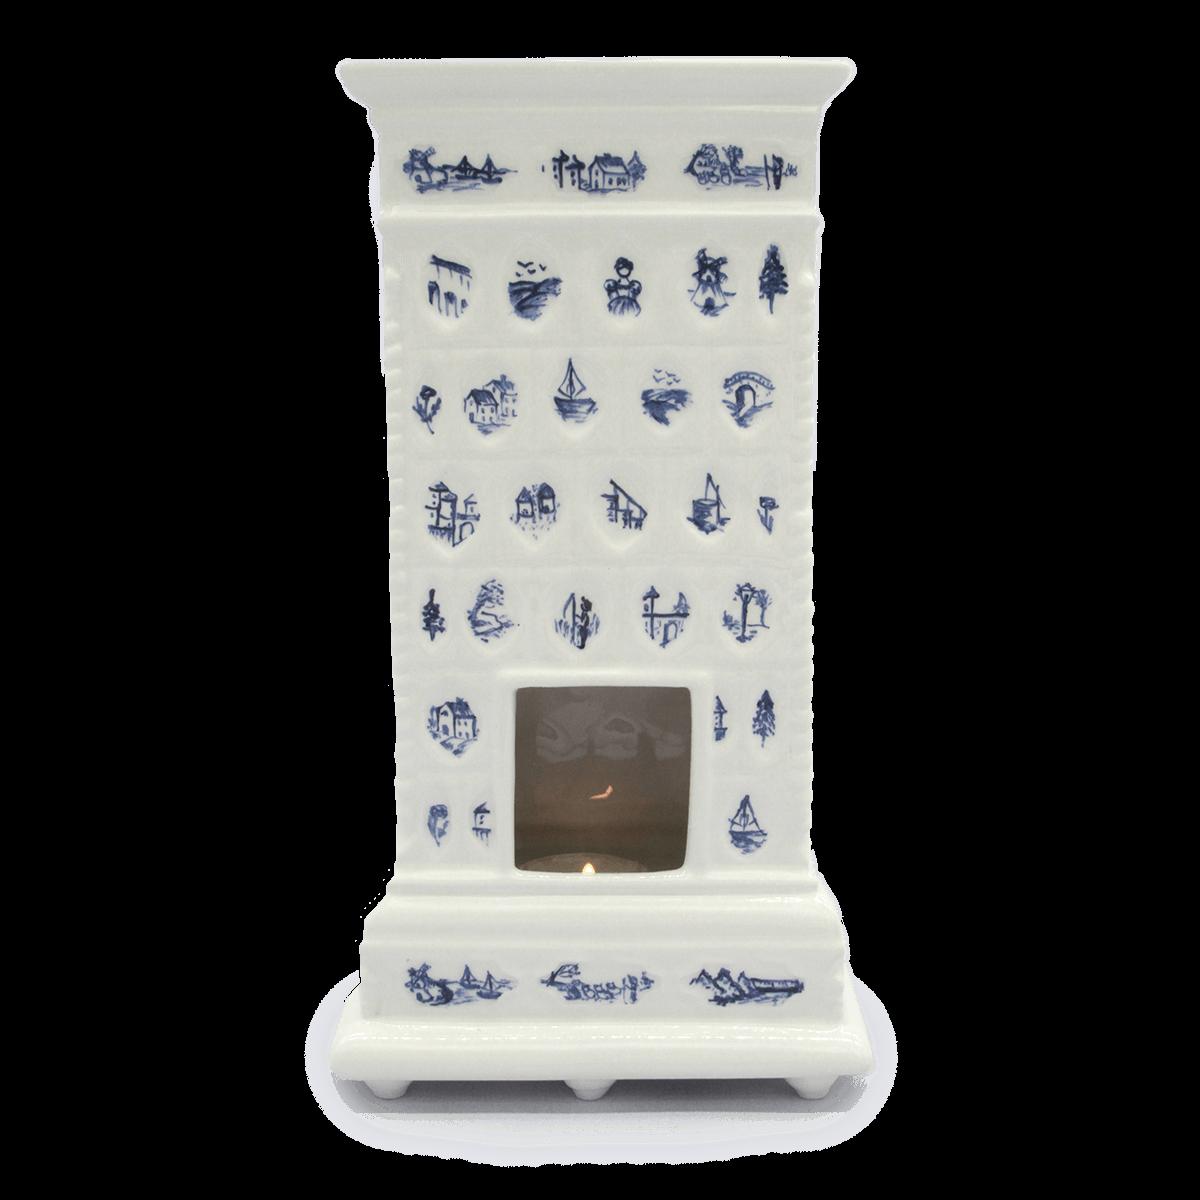 Miniatura pieca Gabinet Pani Pałac Nakomiady Niebieski